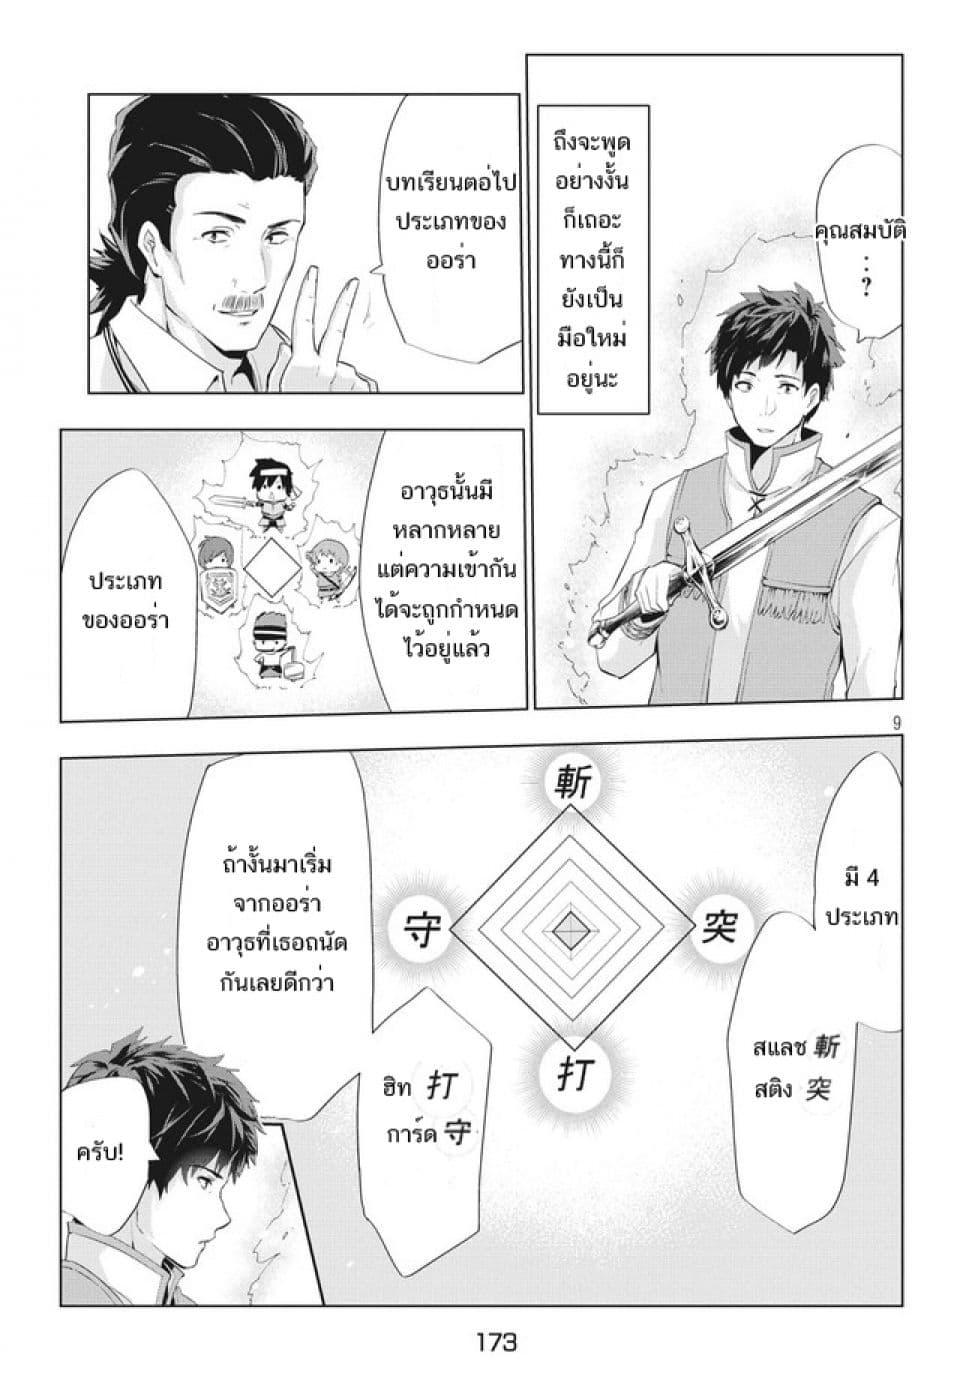 อ่านการ์ตูน Kaiko sareta Ankoku Heishi (30-dai) no Slow na Second ตอนที่ 3 หน้าที่ 8